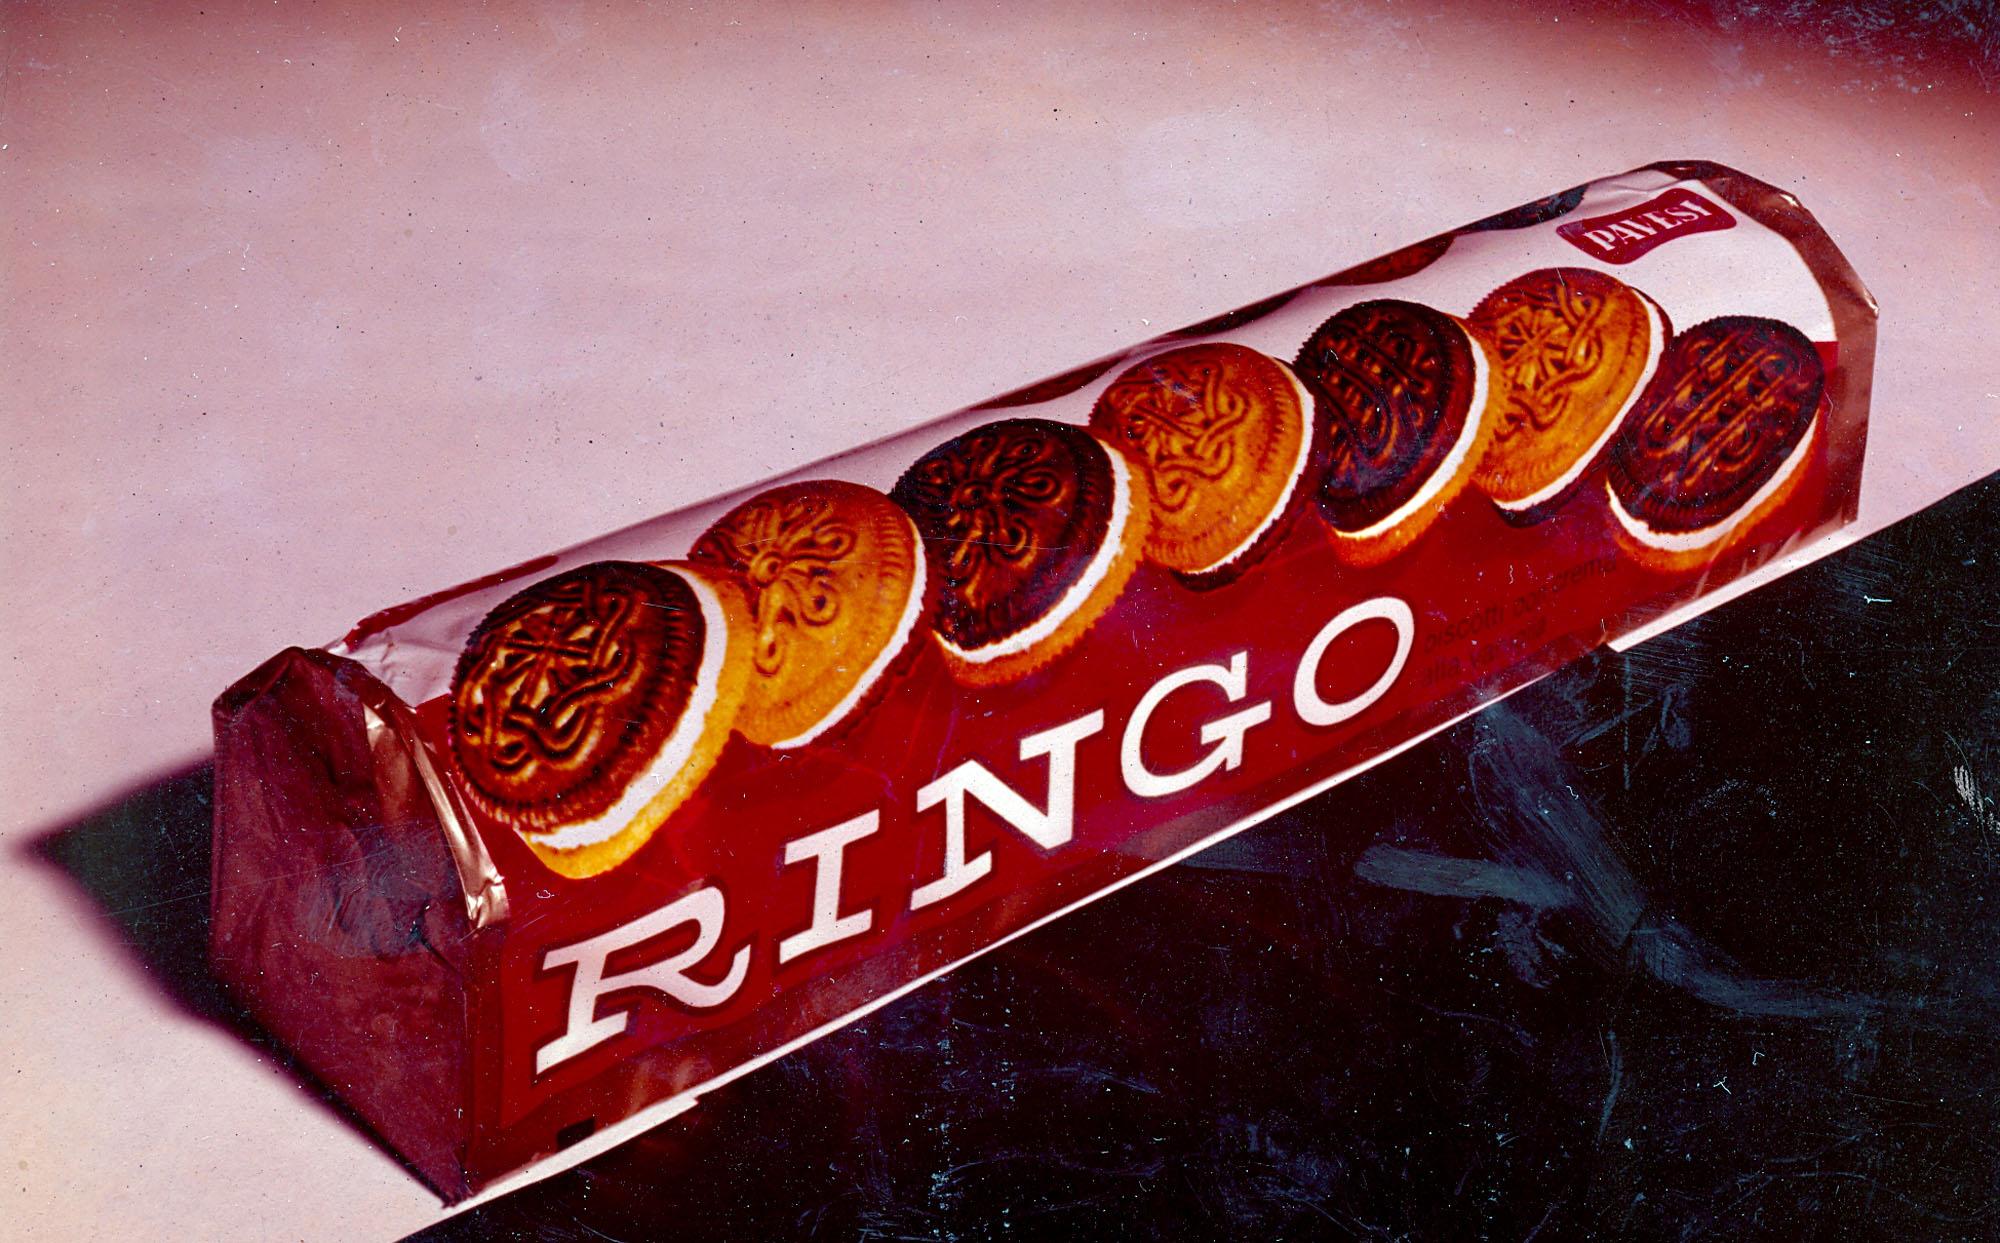 La prima confezione di Ringo del 1967, che metteva in evidenza il doppio colore della cialda